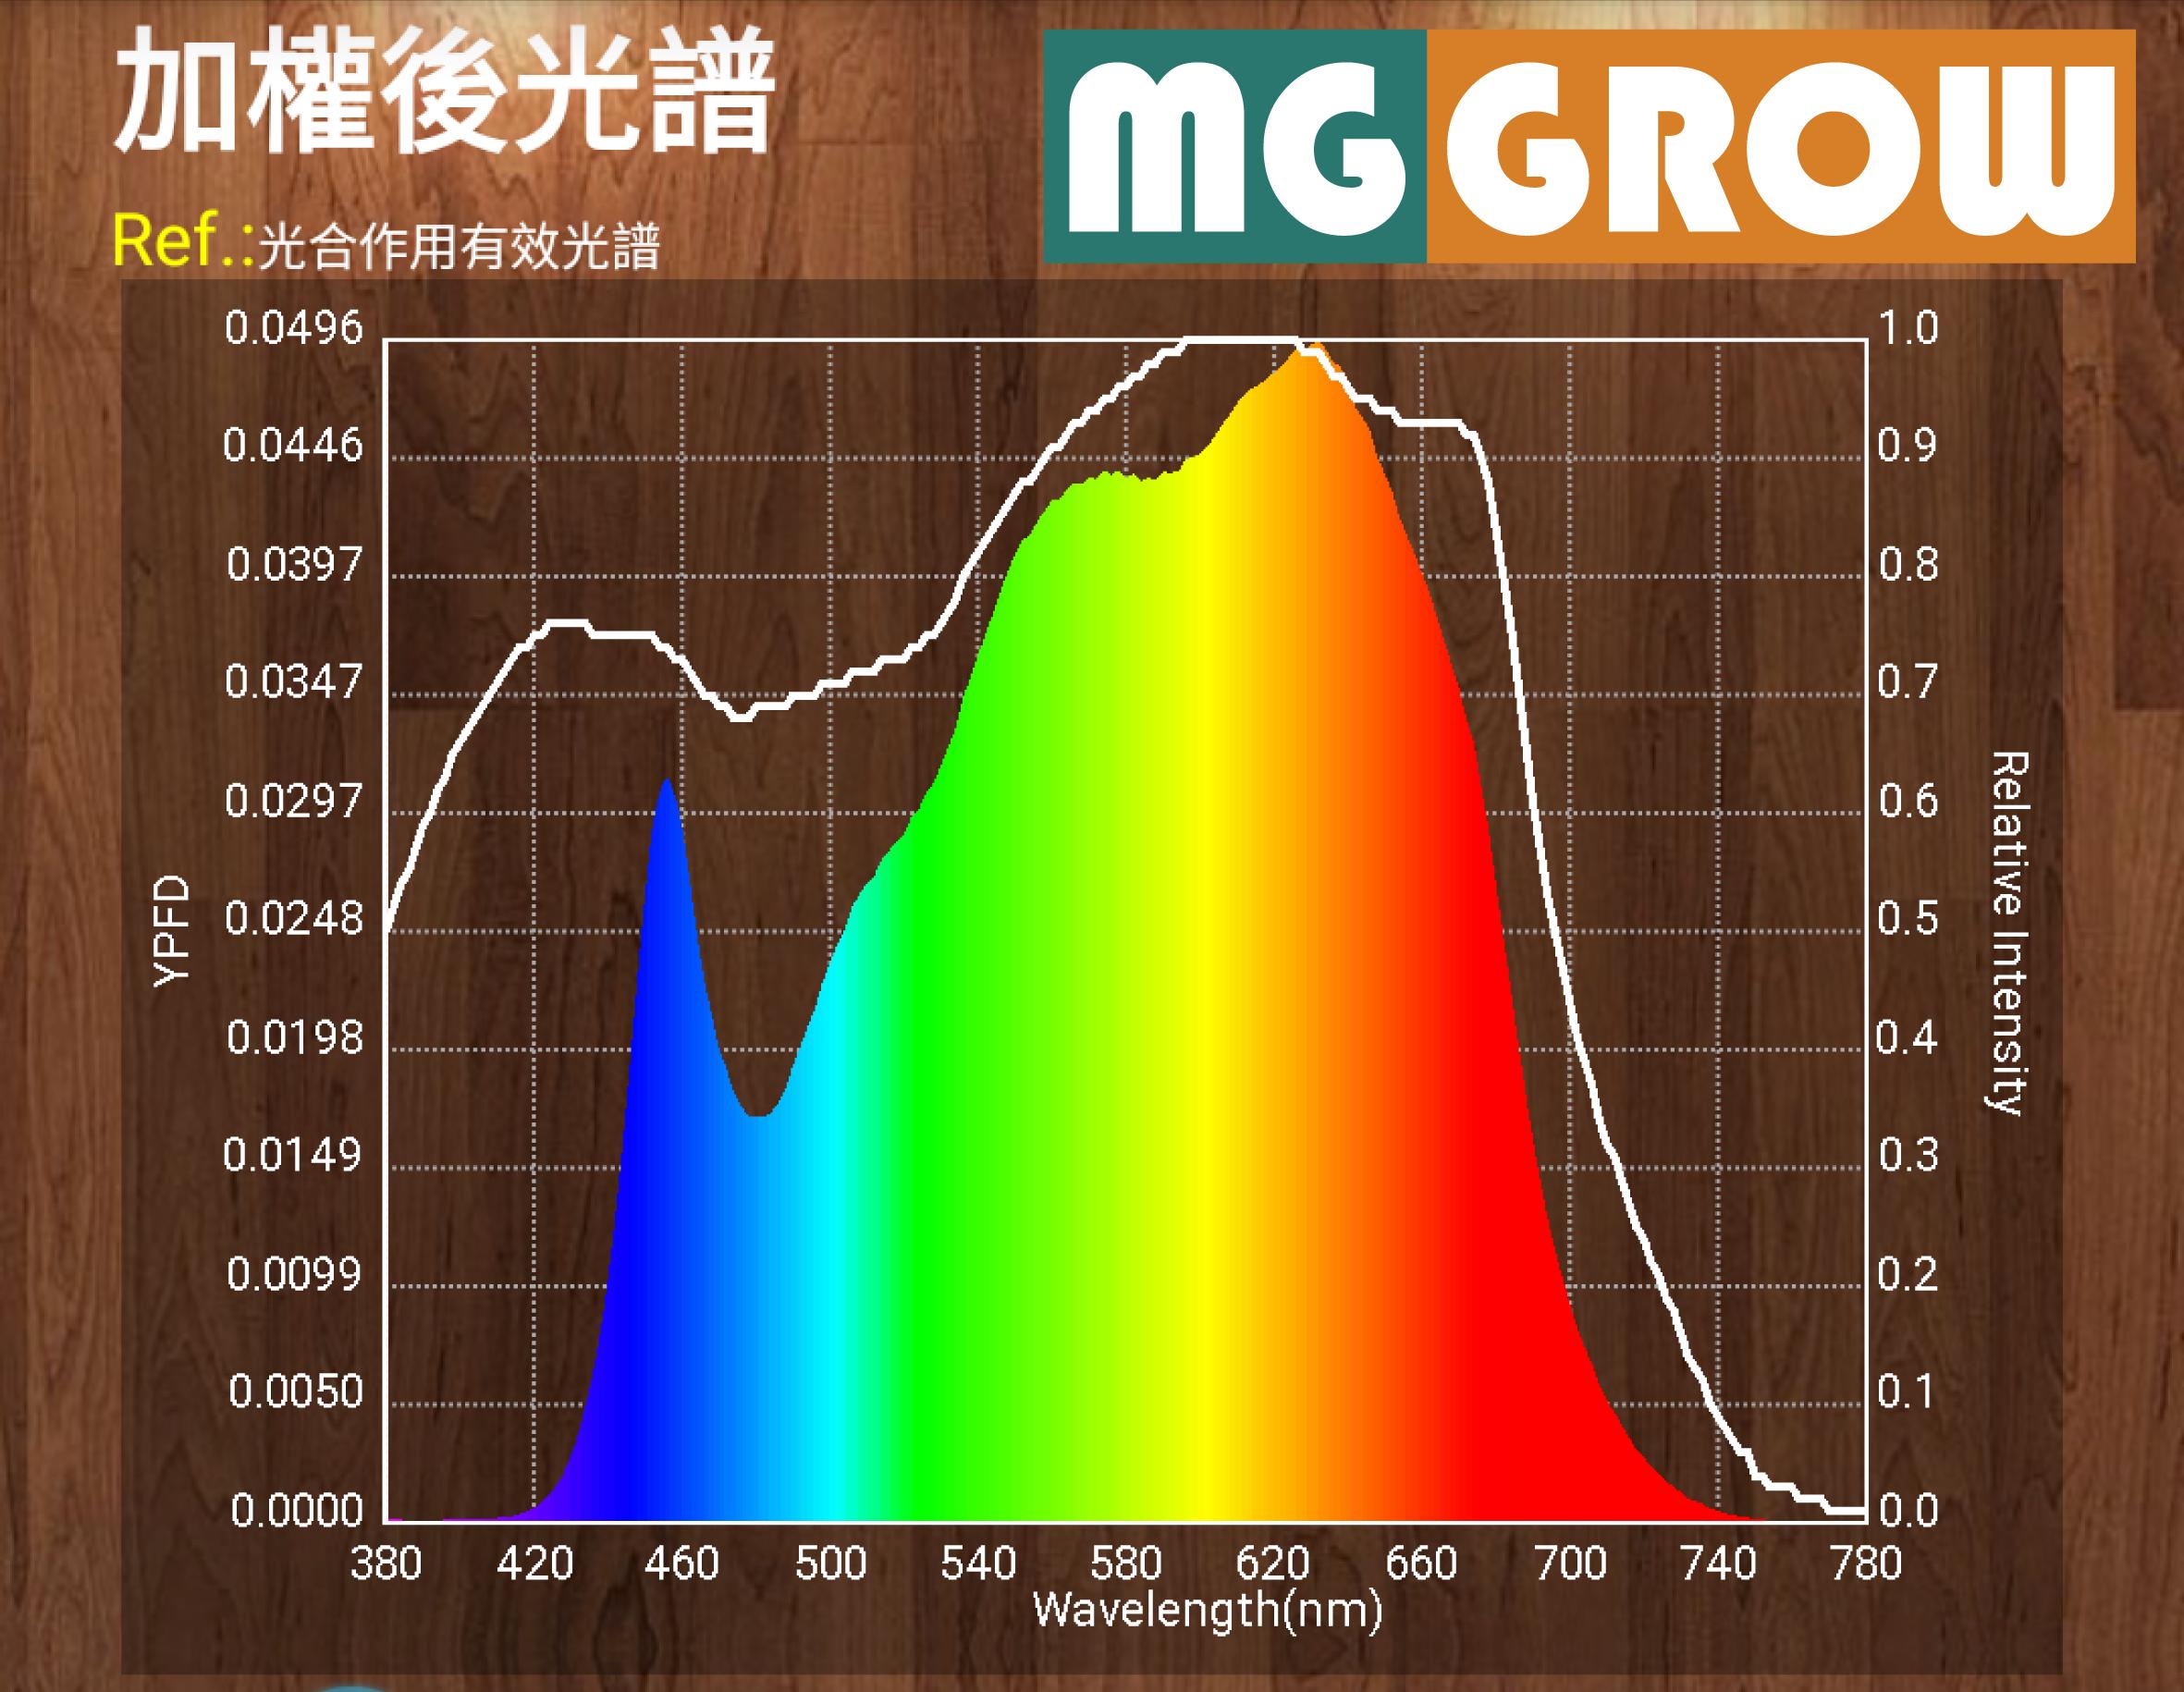 光譜圖20190324-01-01.png